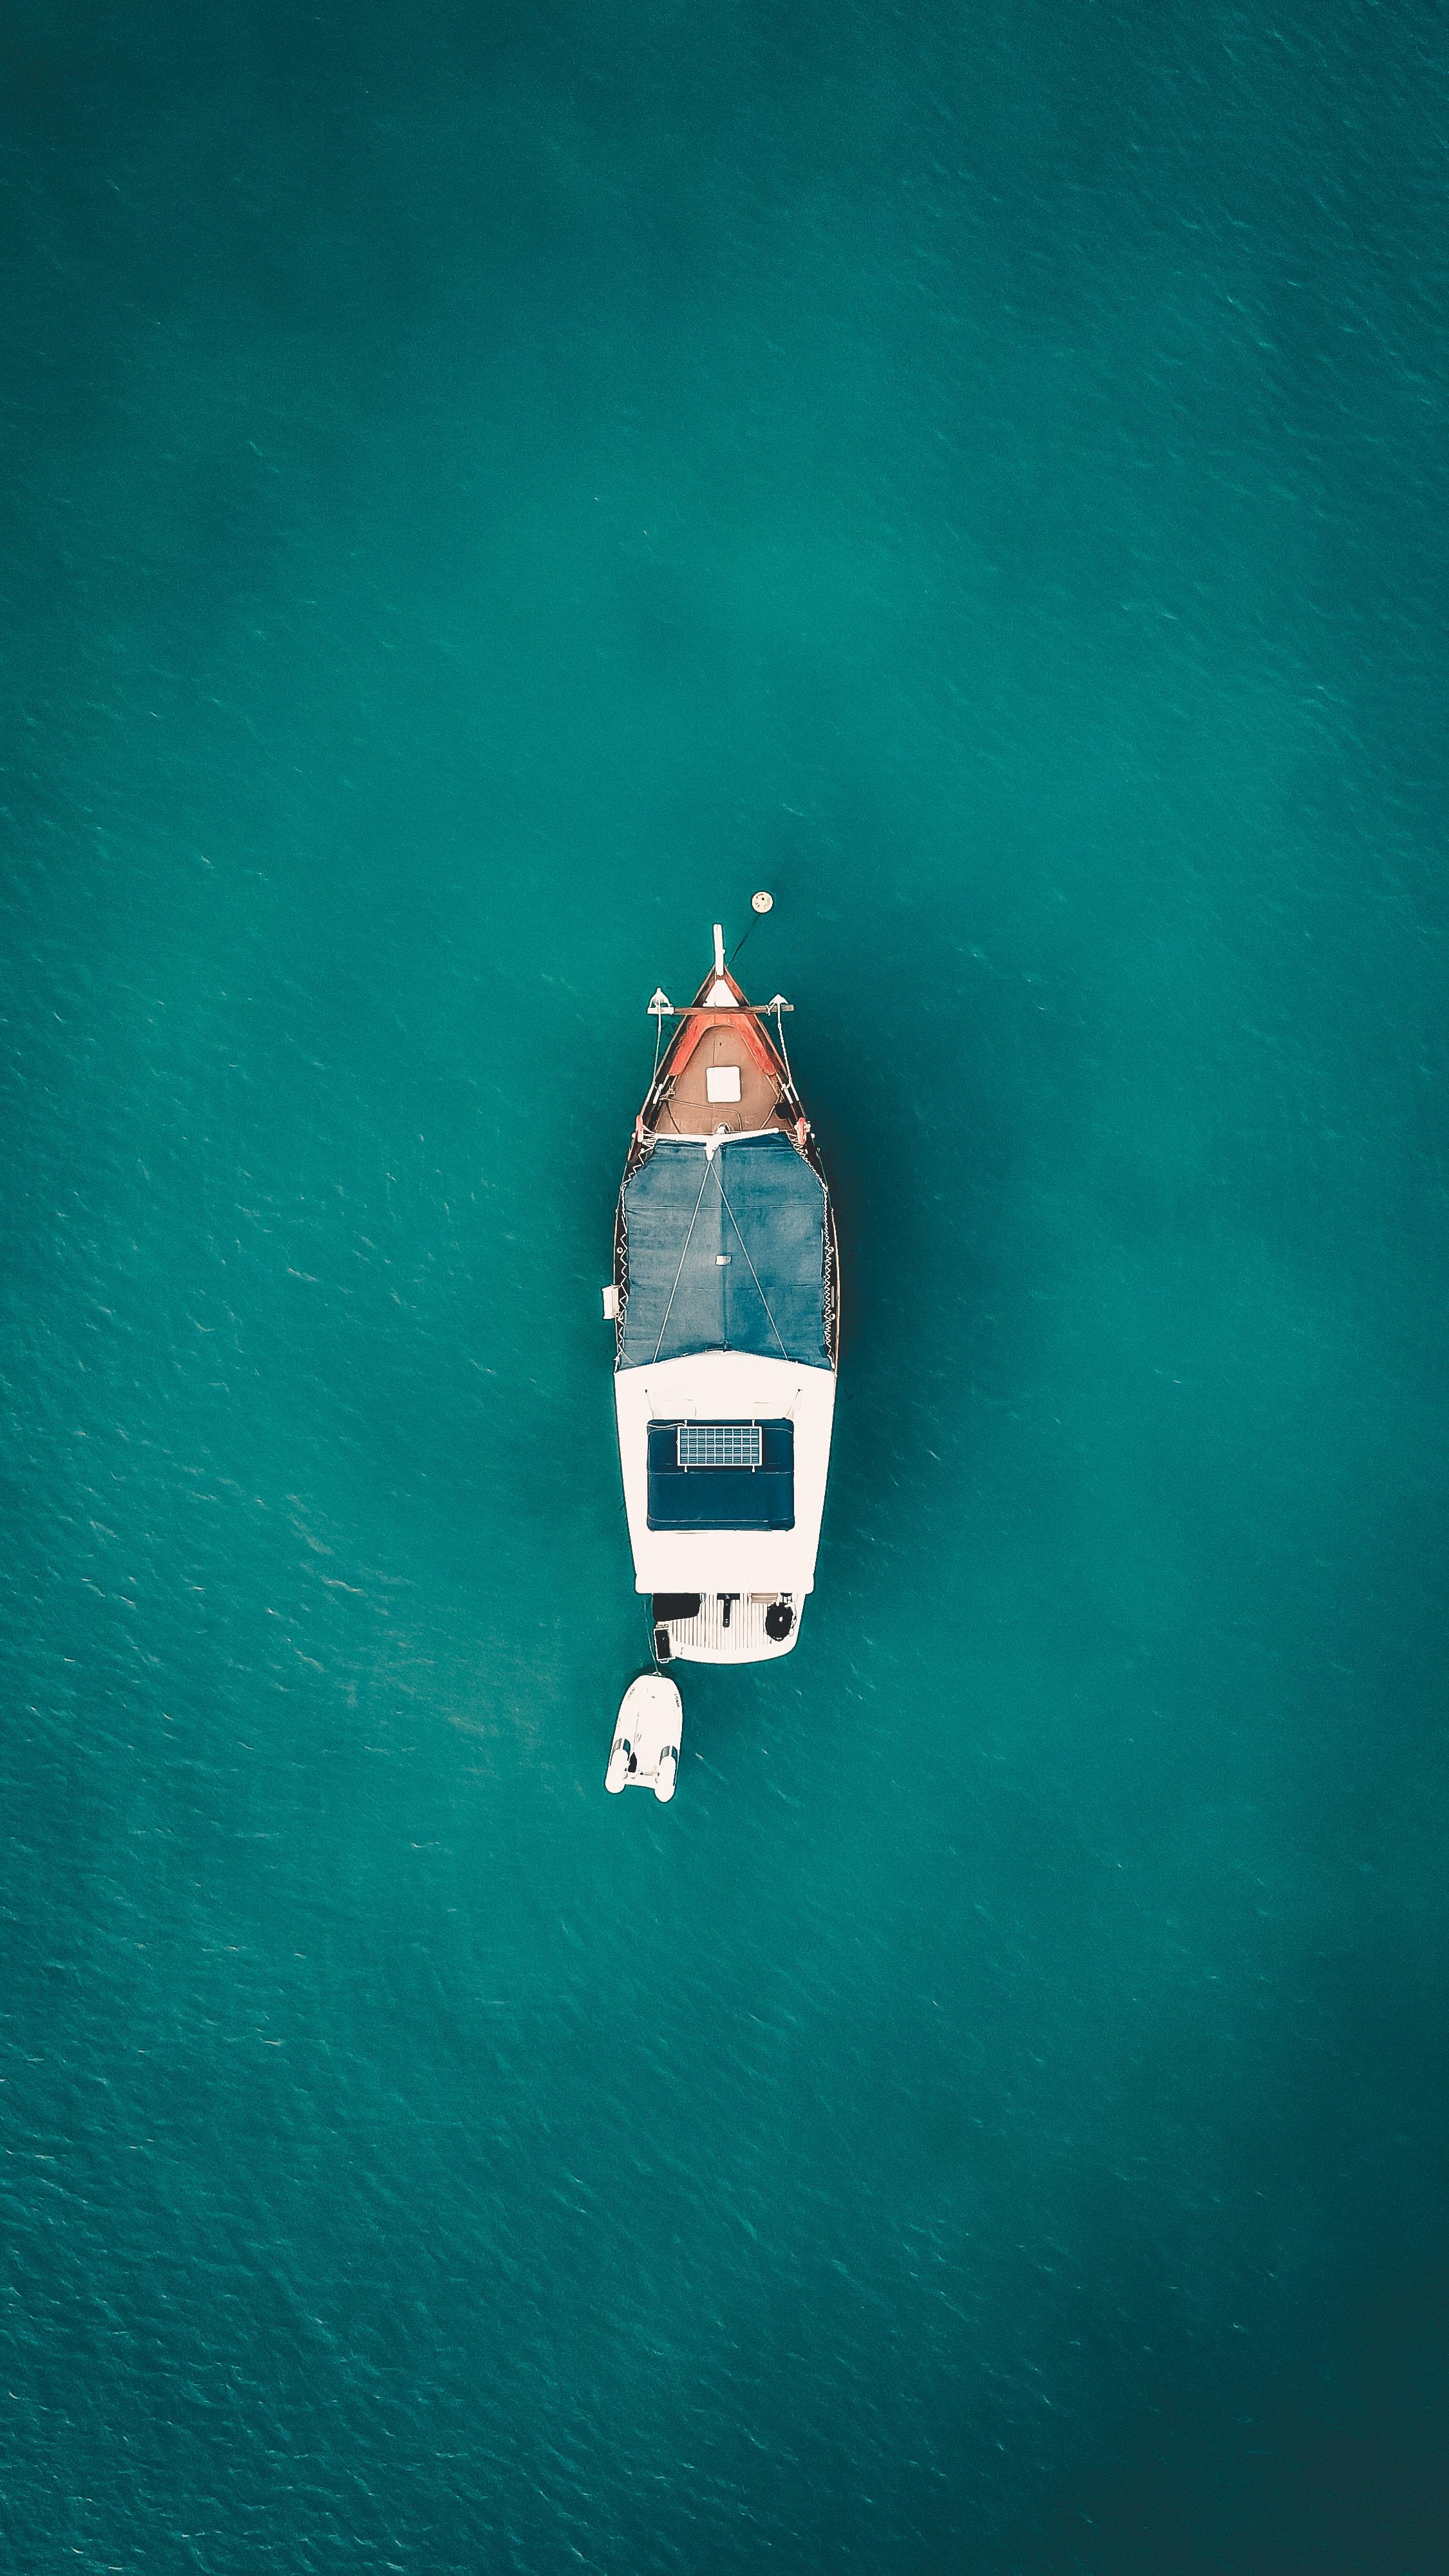 bird-s-eye-view-boat-daylight-2249602.jpg